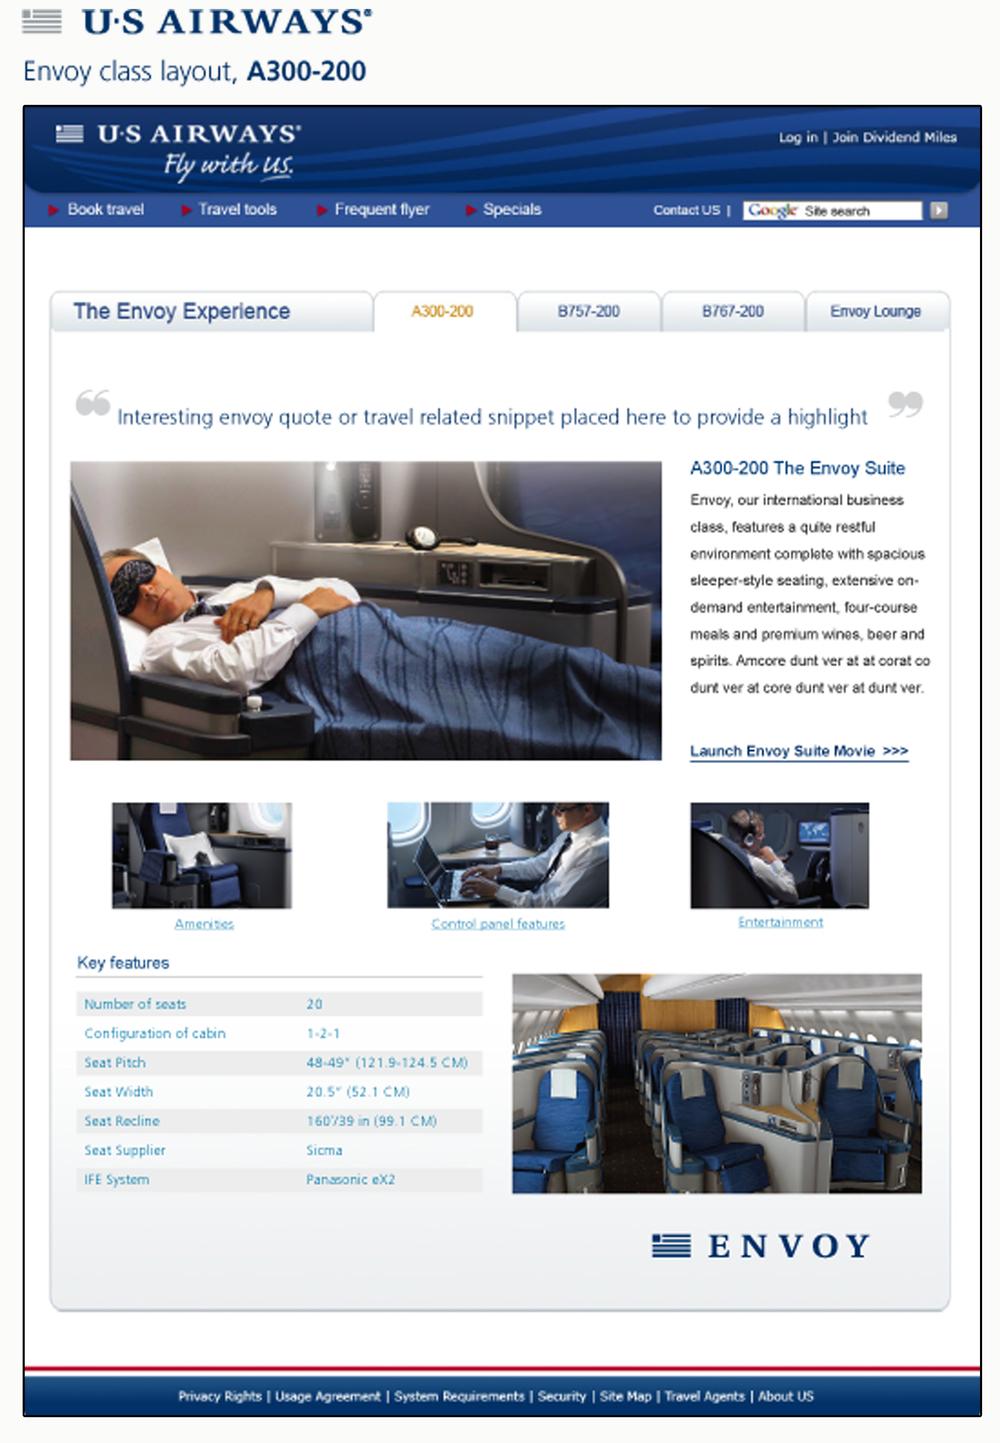 UI-Design-for-Envoy-Landing-Page-3.jpg